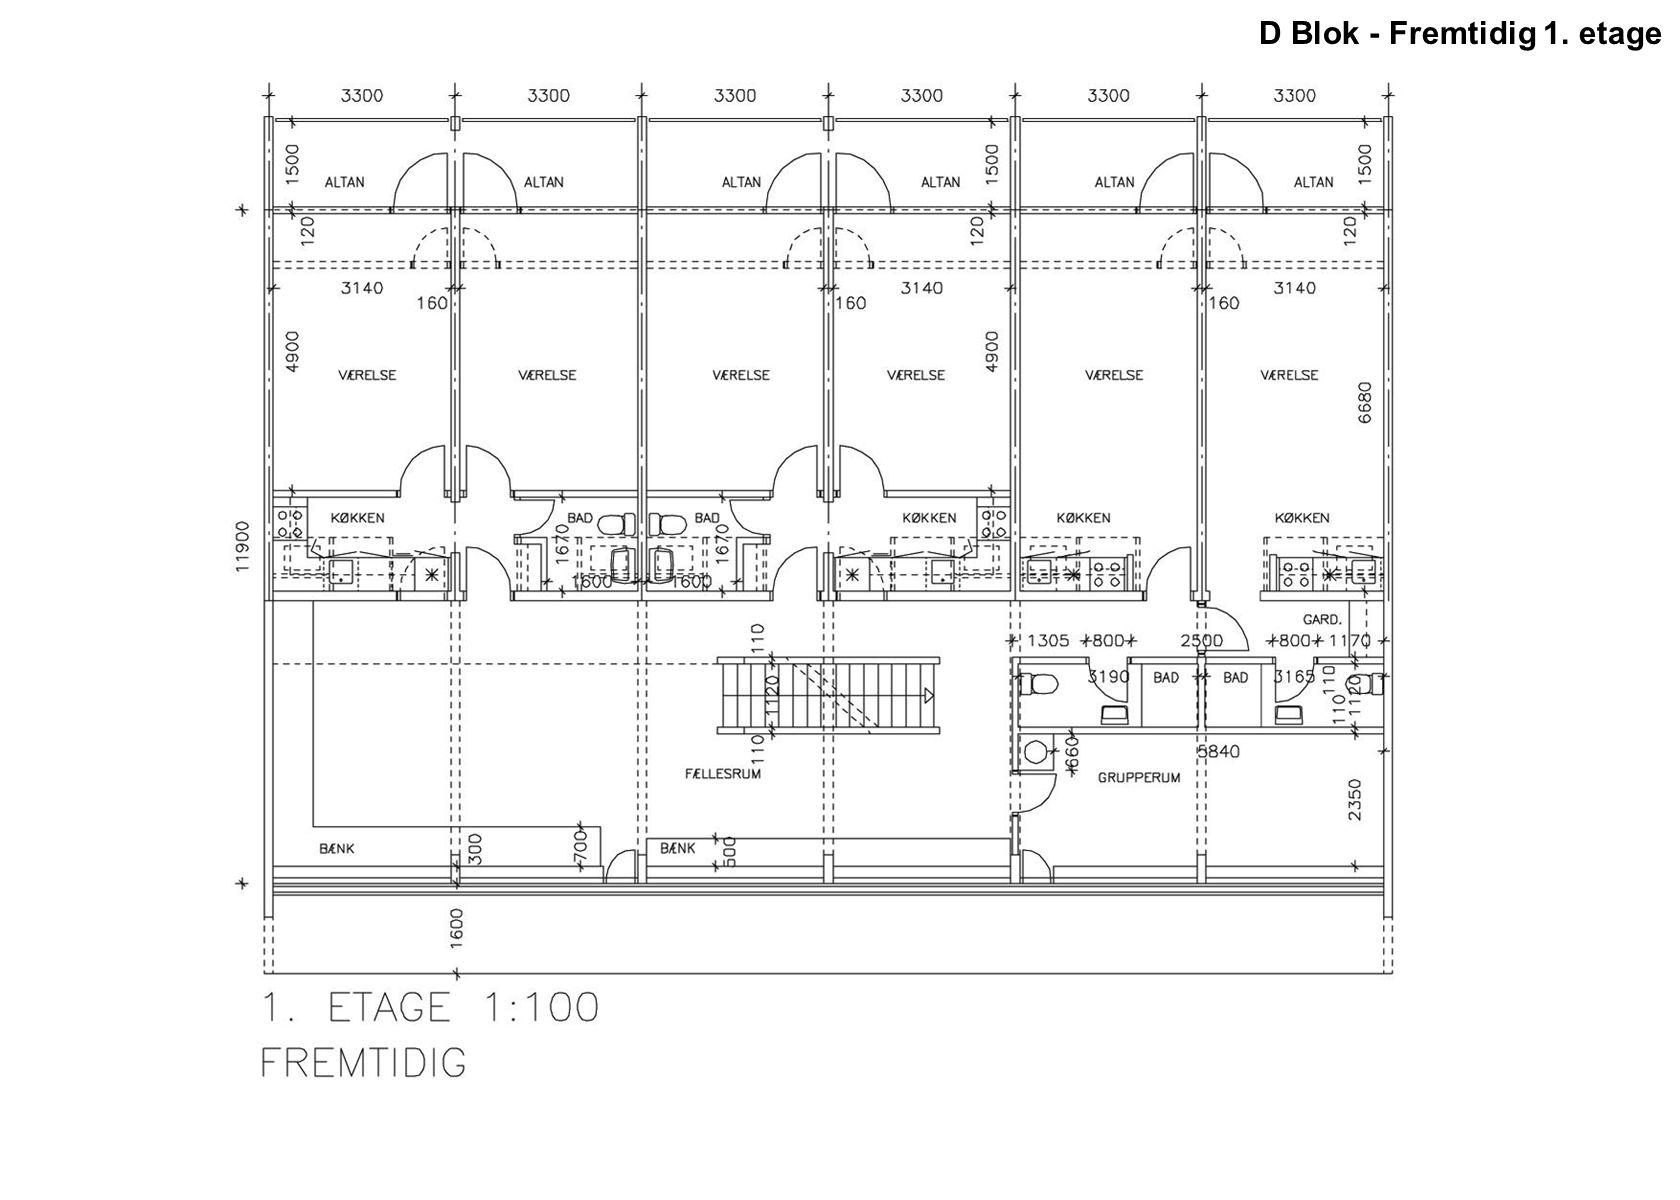 D Blok - Fremtidig 1. etage